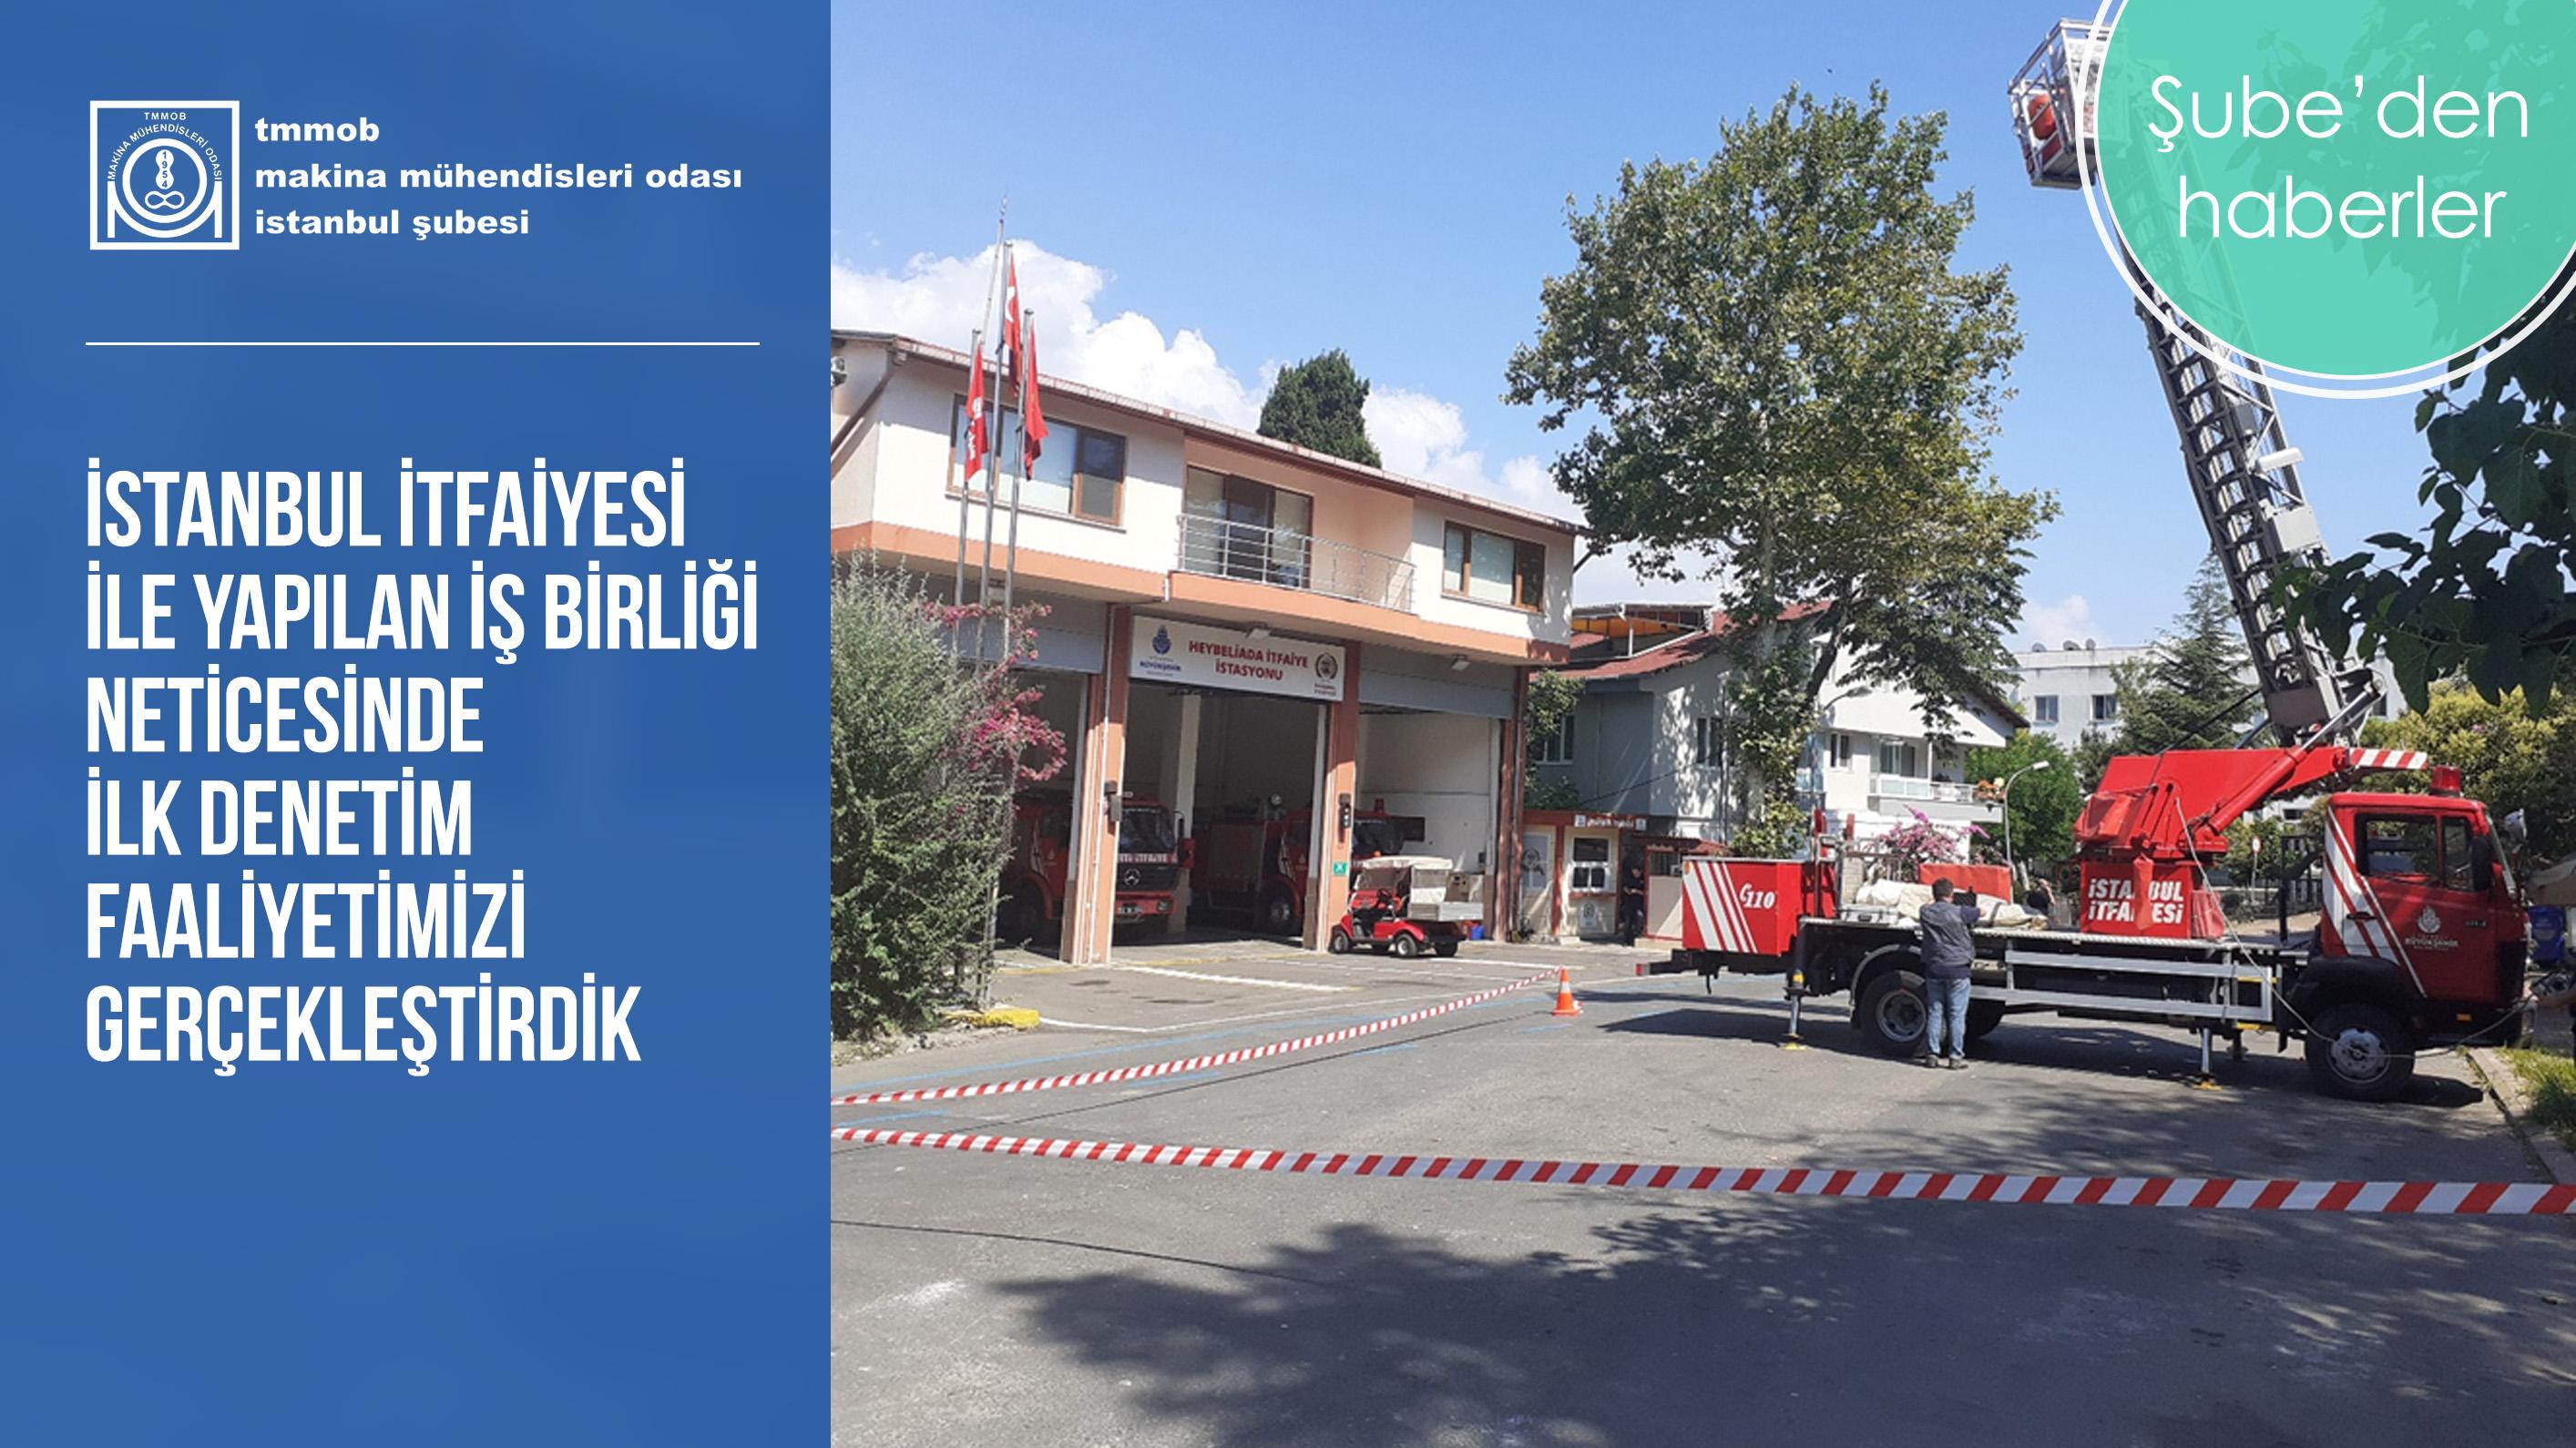 İstanbul İtfaiyesi İle Yapılan İş Birliği Neticesinde İlk Denetim Faaliyetimizi Gerçekleştirdik